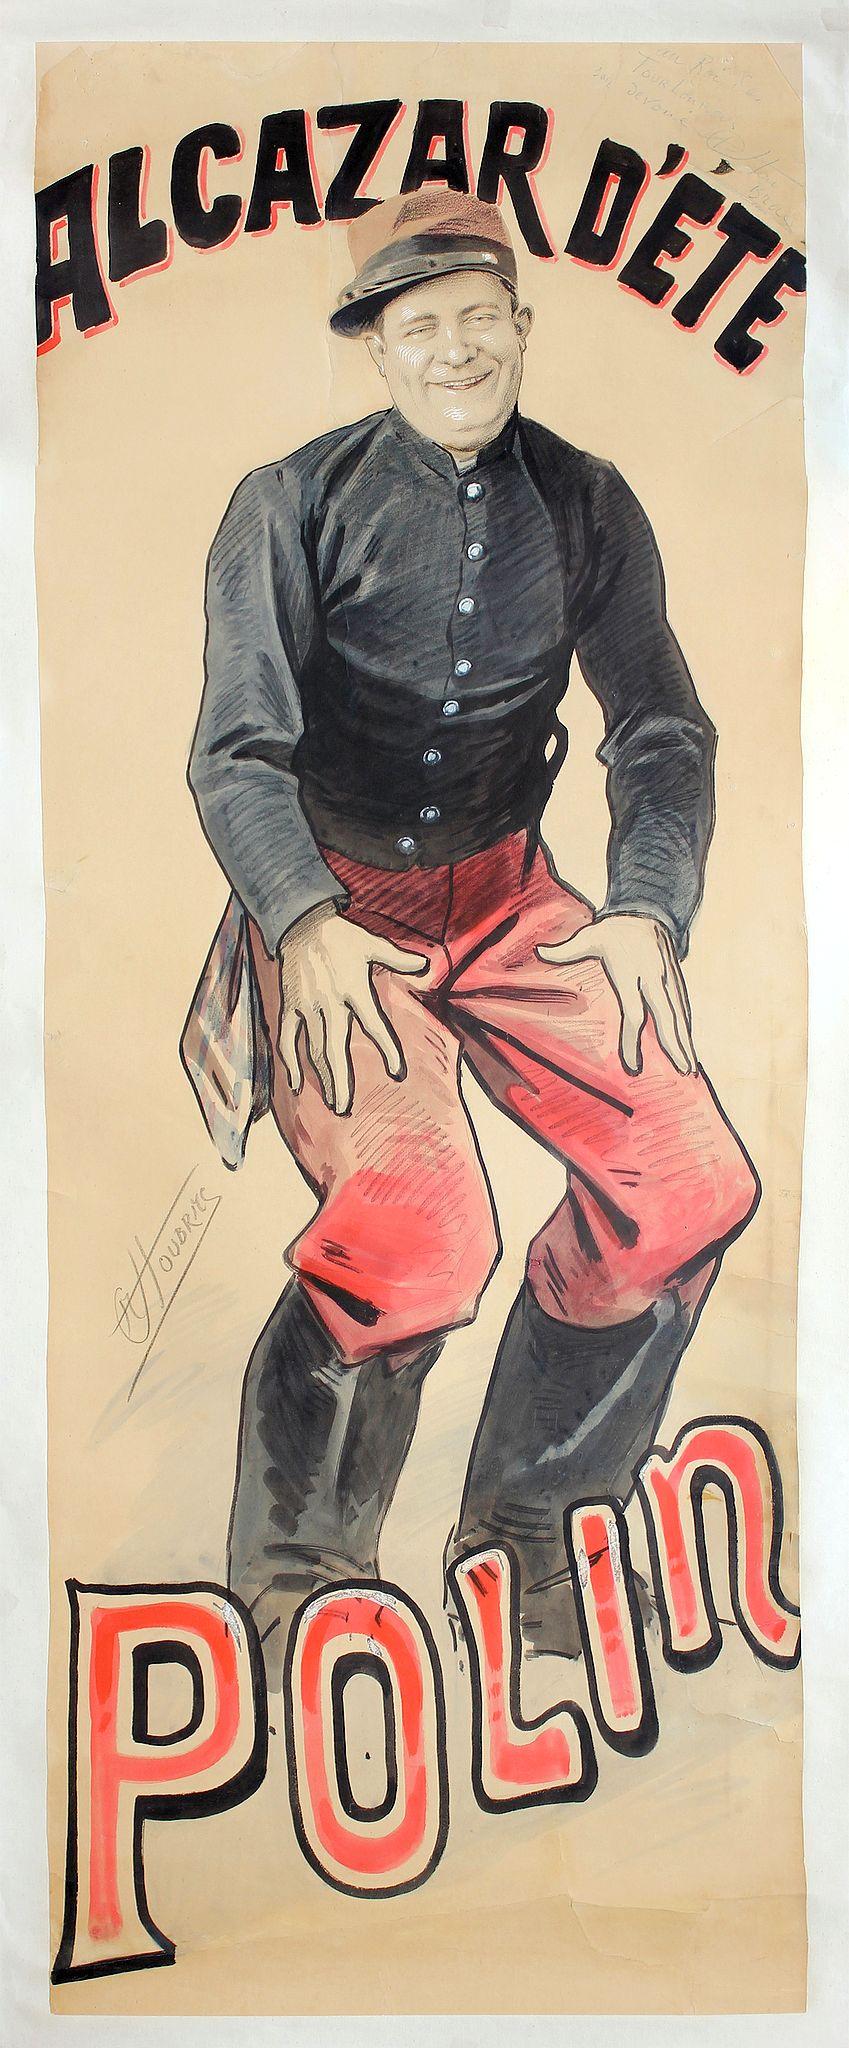 CHOUBRAC, A. -  Alcazar d'été - Polin. (Gouache signed A. Choubrac)